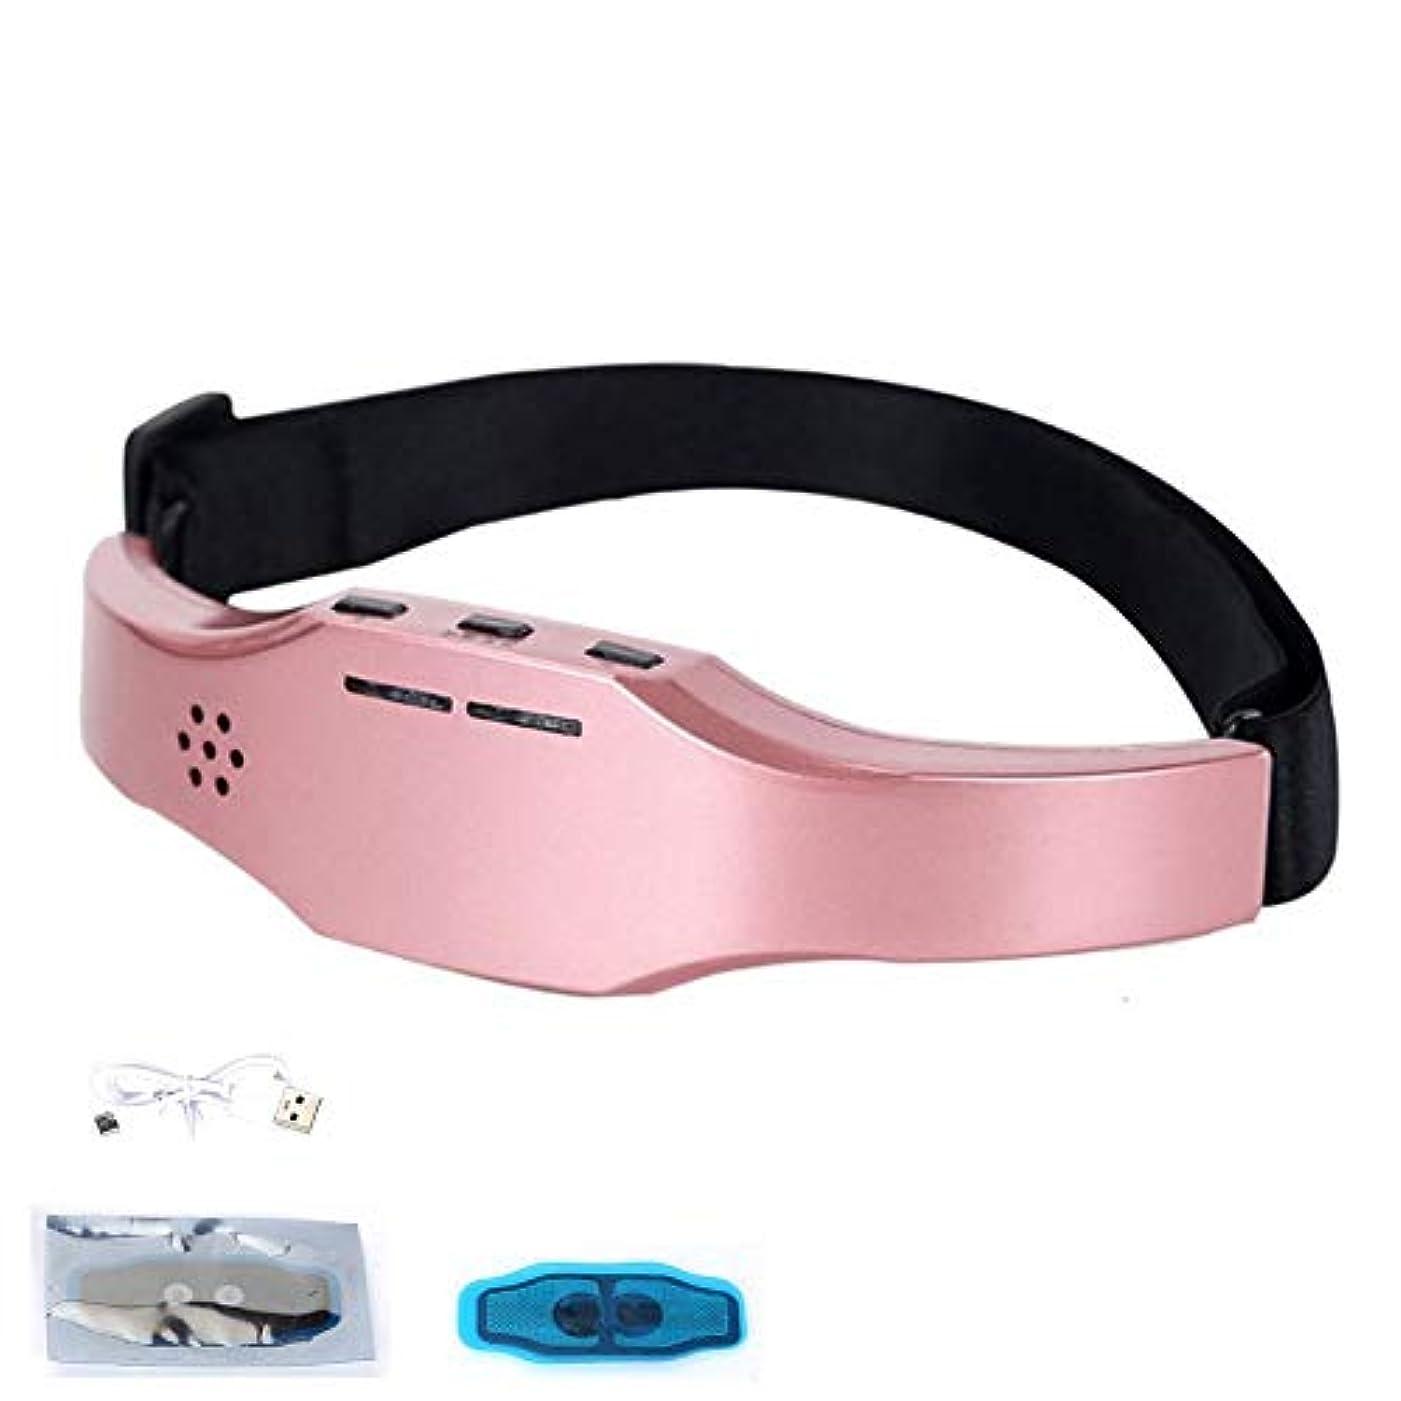 不愉快に伝えるドロップ2019最新改良版 ヘッドマッサージャー ヘッドマッサージ器 疲れやストレス緩和 USB充電 静音 携帯便利 小型 家庭用 携帯便利 副作用なし 不眠症改善 偏頭痛緩和